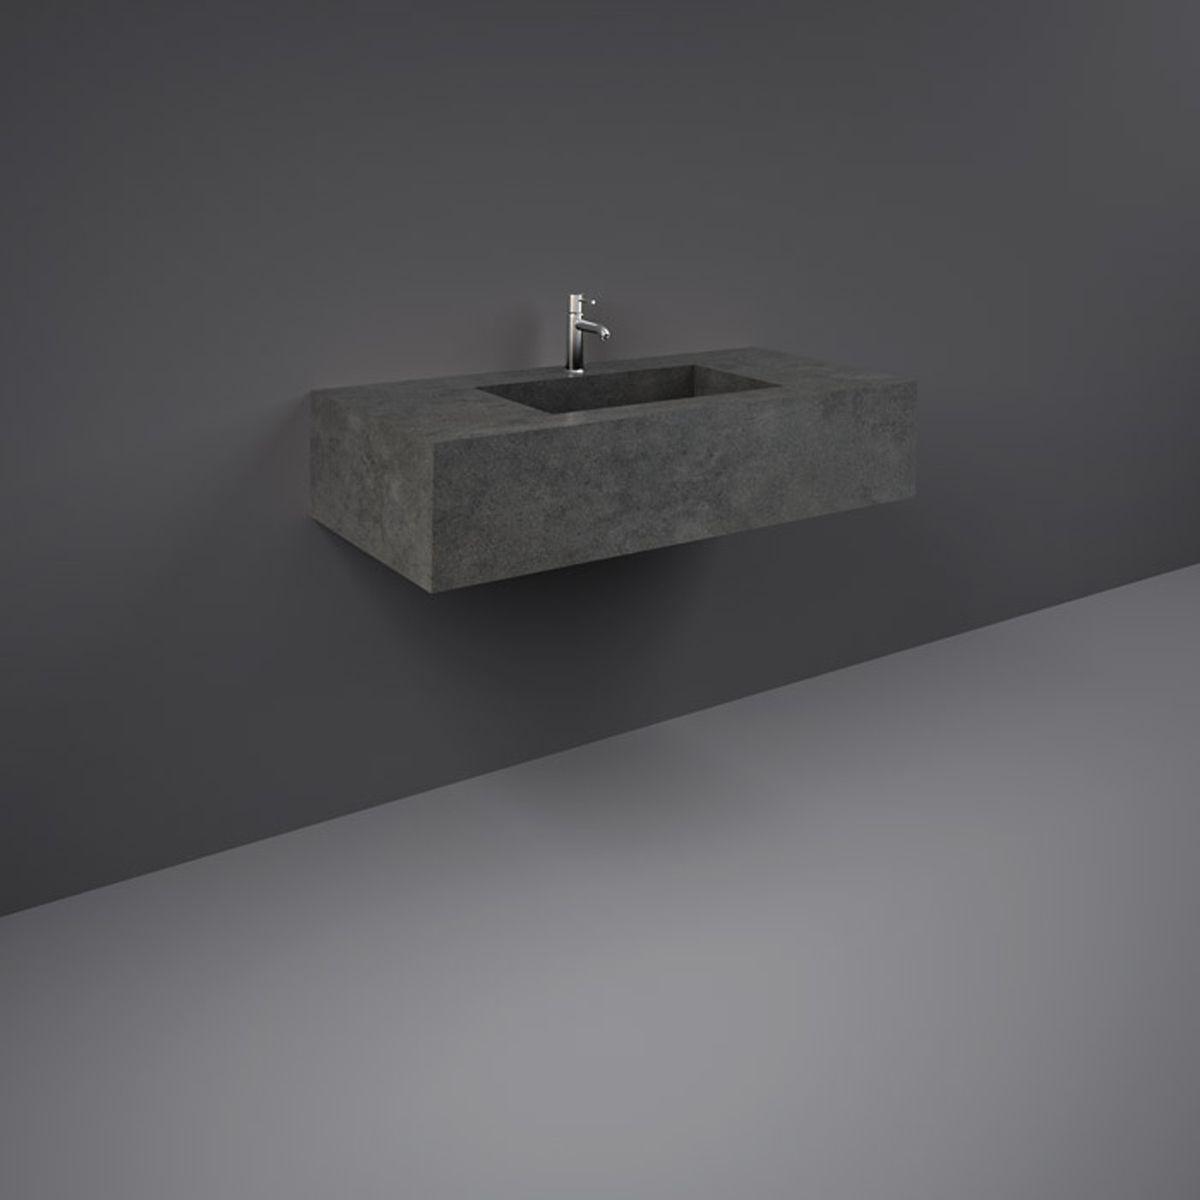 RAK Precious Behind Grey Wall Hung Counter Basin 1000mm with Brackets